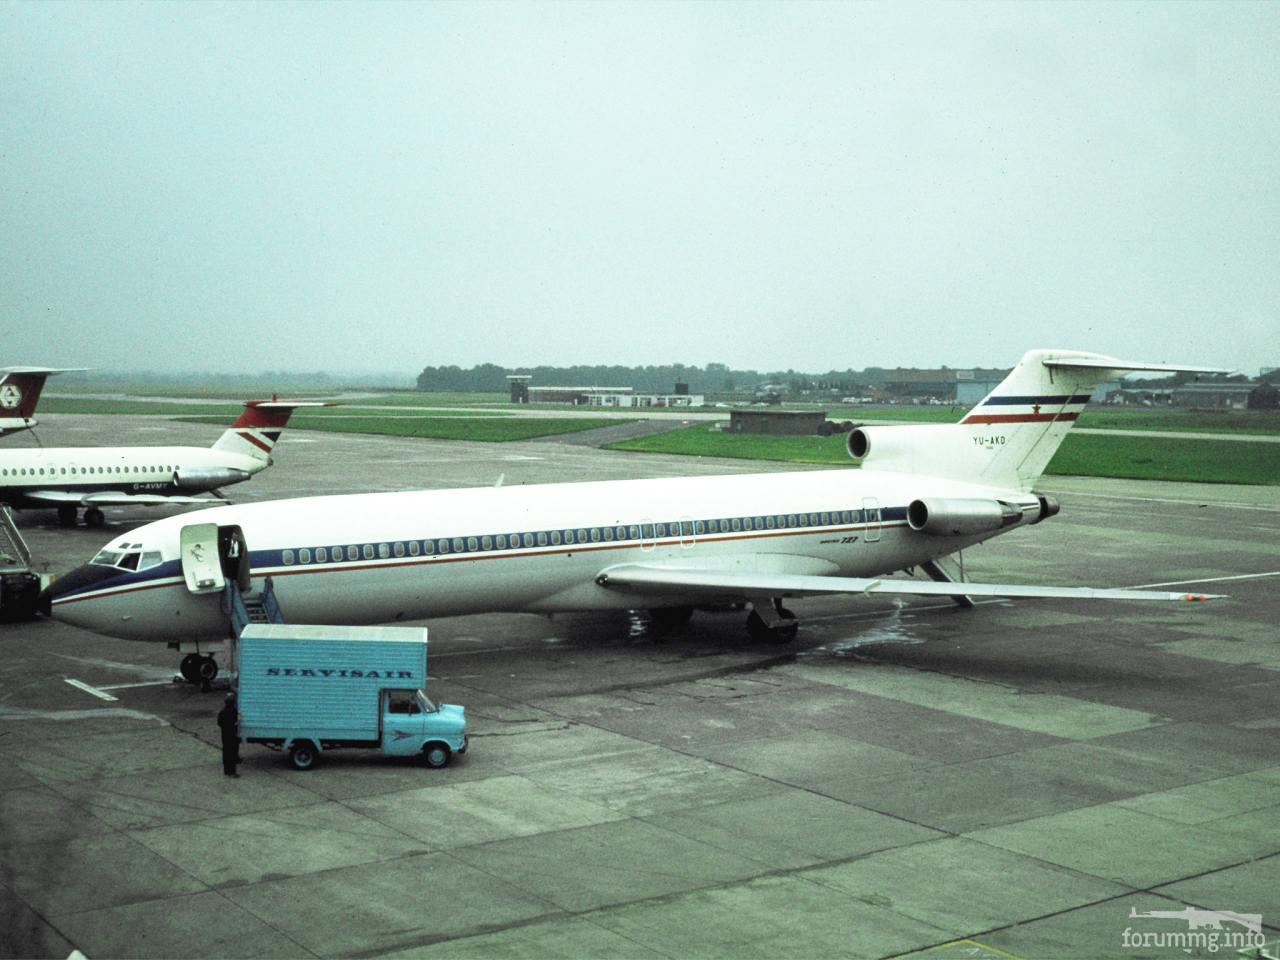 115014 - Фотографии гражданских летательных аппаратов